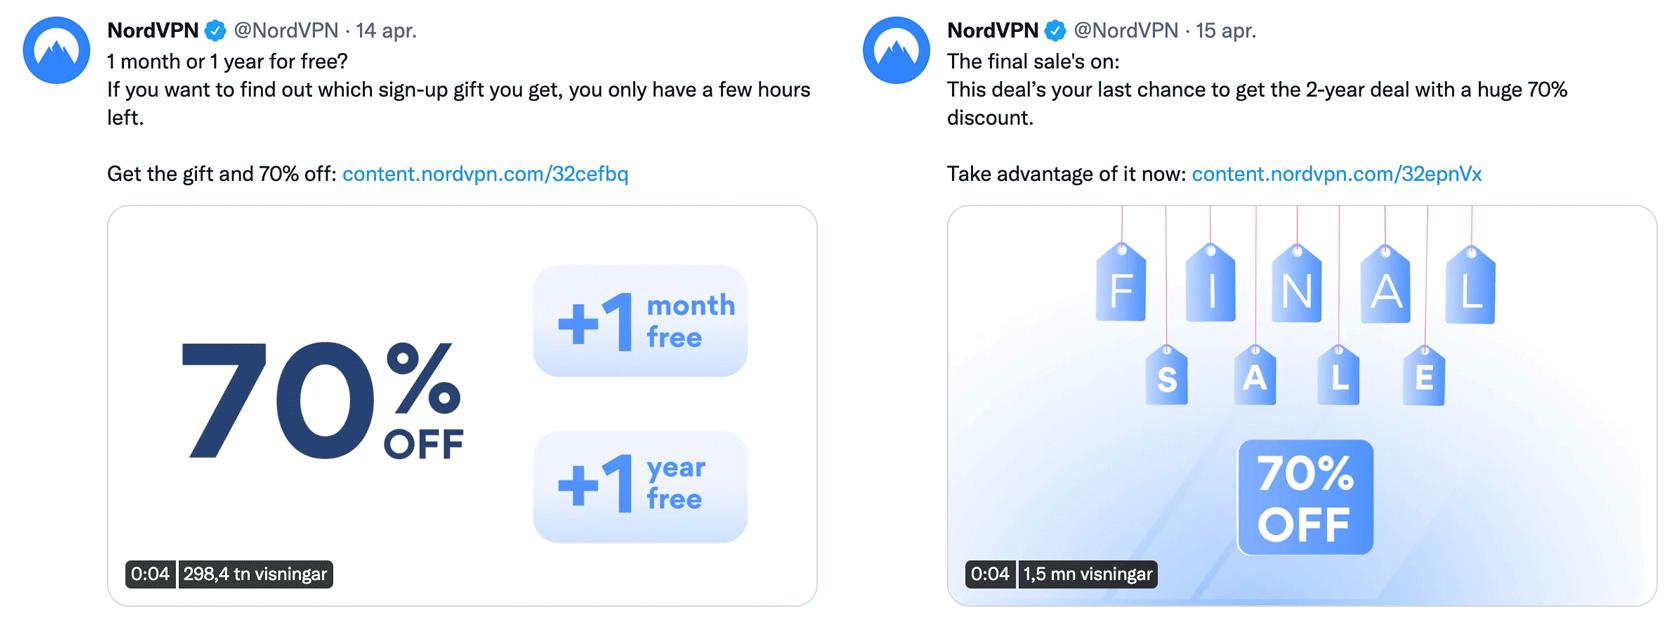 Två NordVPN-kampanjer på Twitter. Den ena ger 70 % rabatt plus en eller flera extramånader. Den andra ger bara 70 % rabatt.